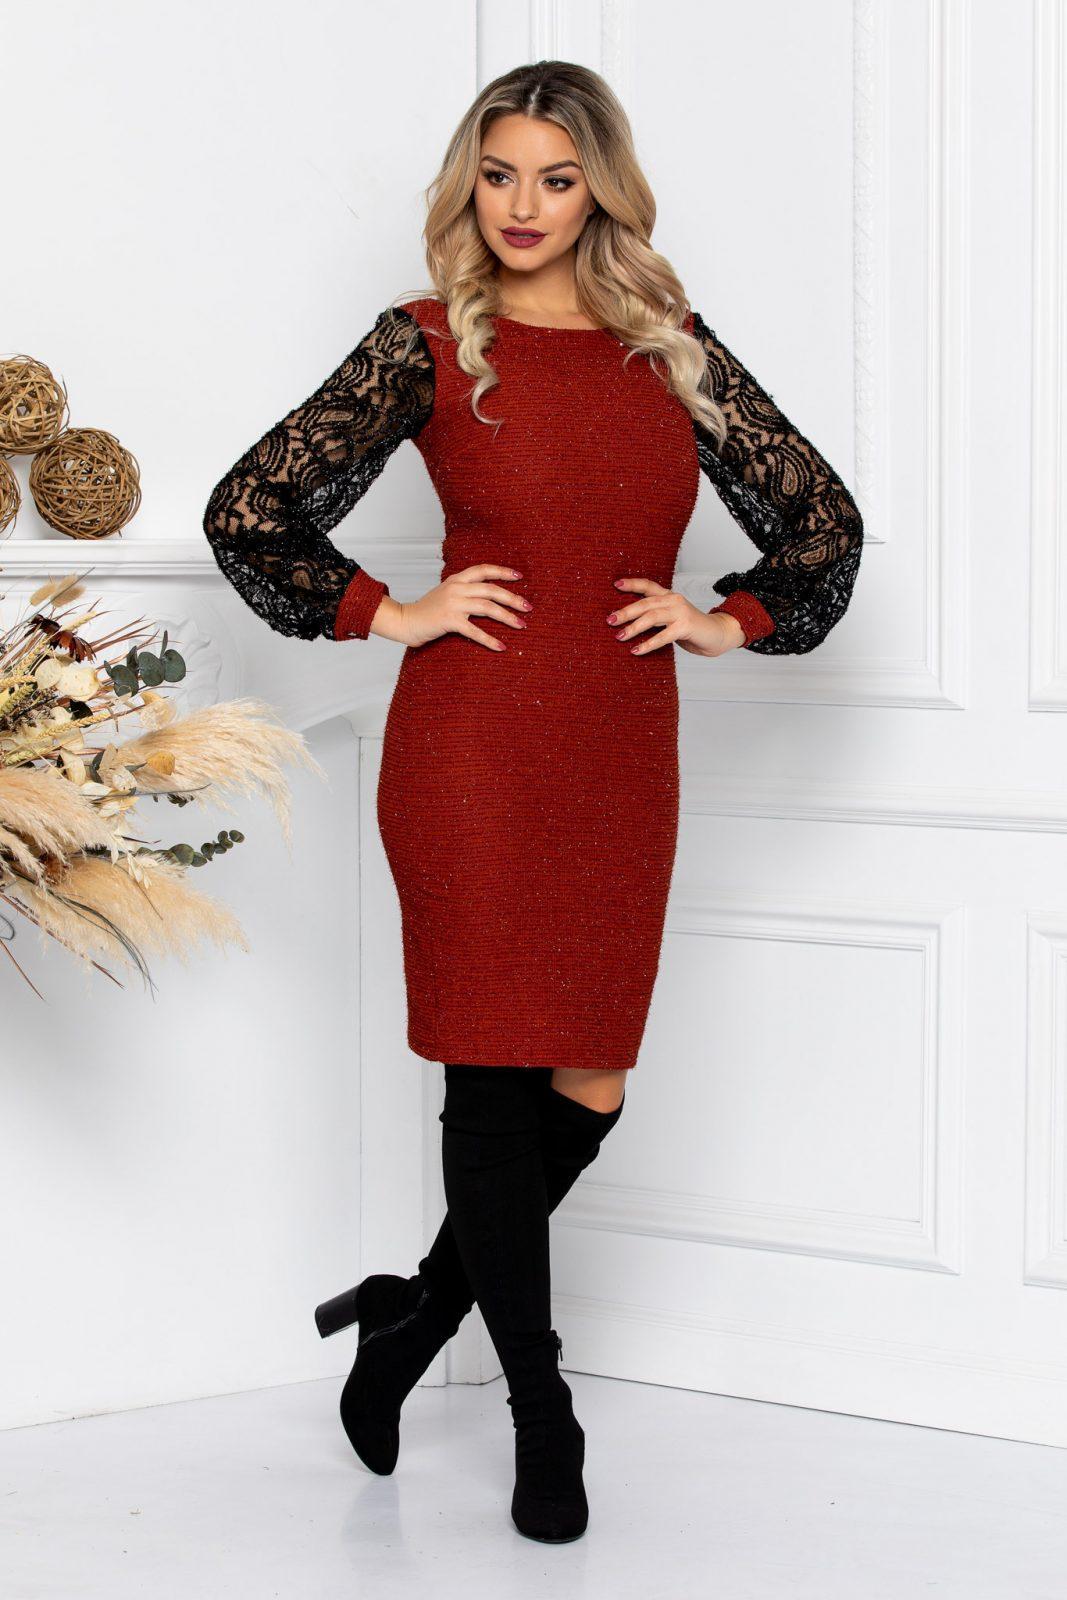 Κεραμιδί Φόρεμα Με Δαντέλα Rory 8737